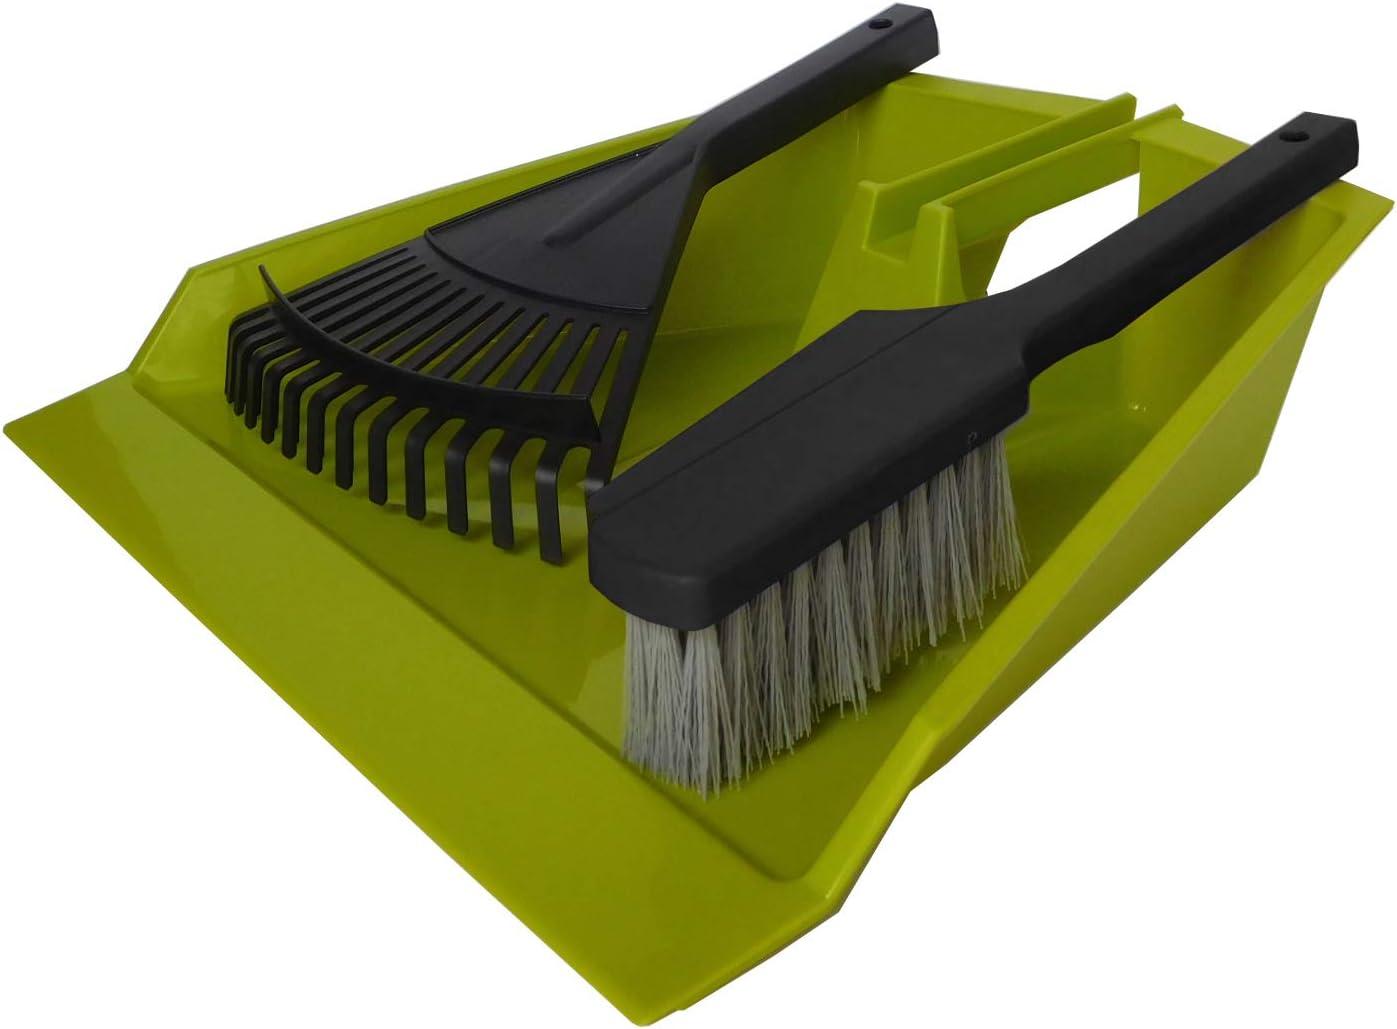 UPP Juego de pala y cepillo Jumbo I Juego de escobilla, rastrillo y recogedor de mano grande I Set de limpieza para hogar, jardín y taller I Escoba de mano, rastrillo y